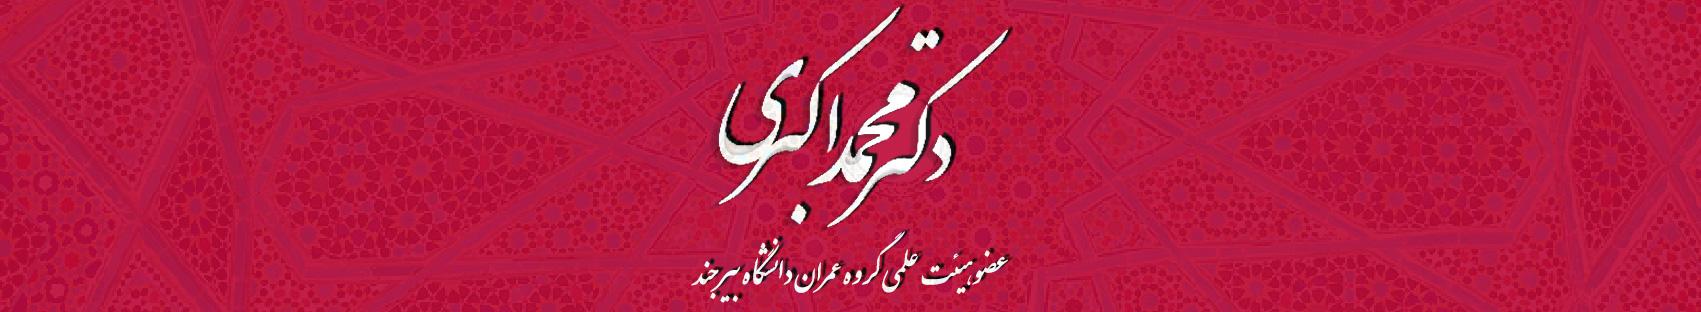 محمد اکبری |تارنمای اختصاصی